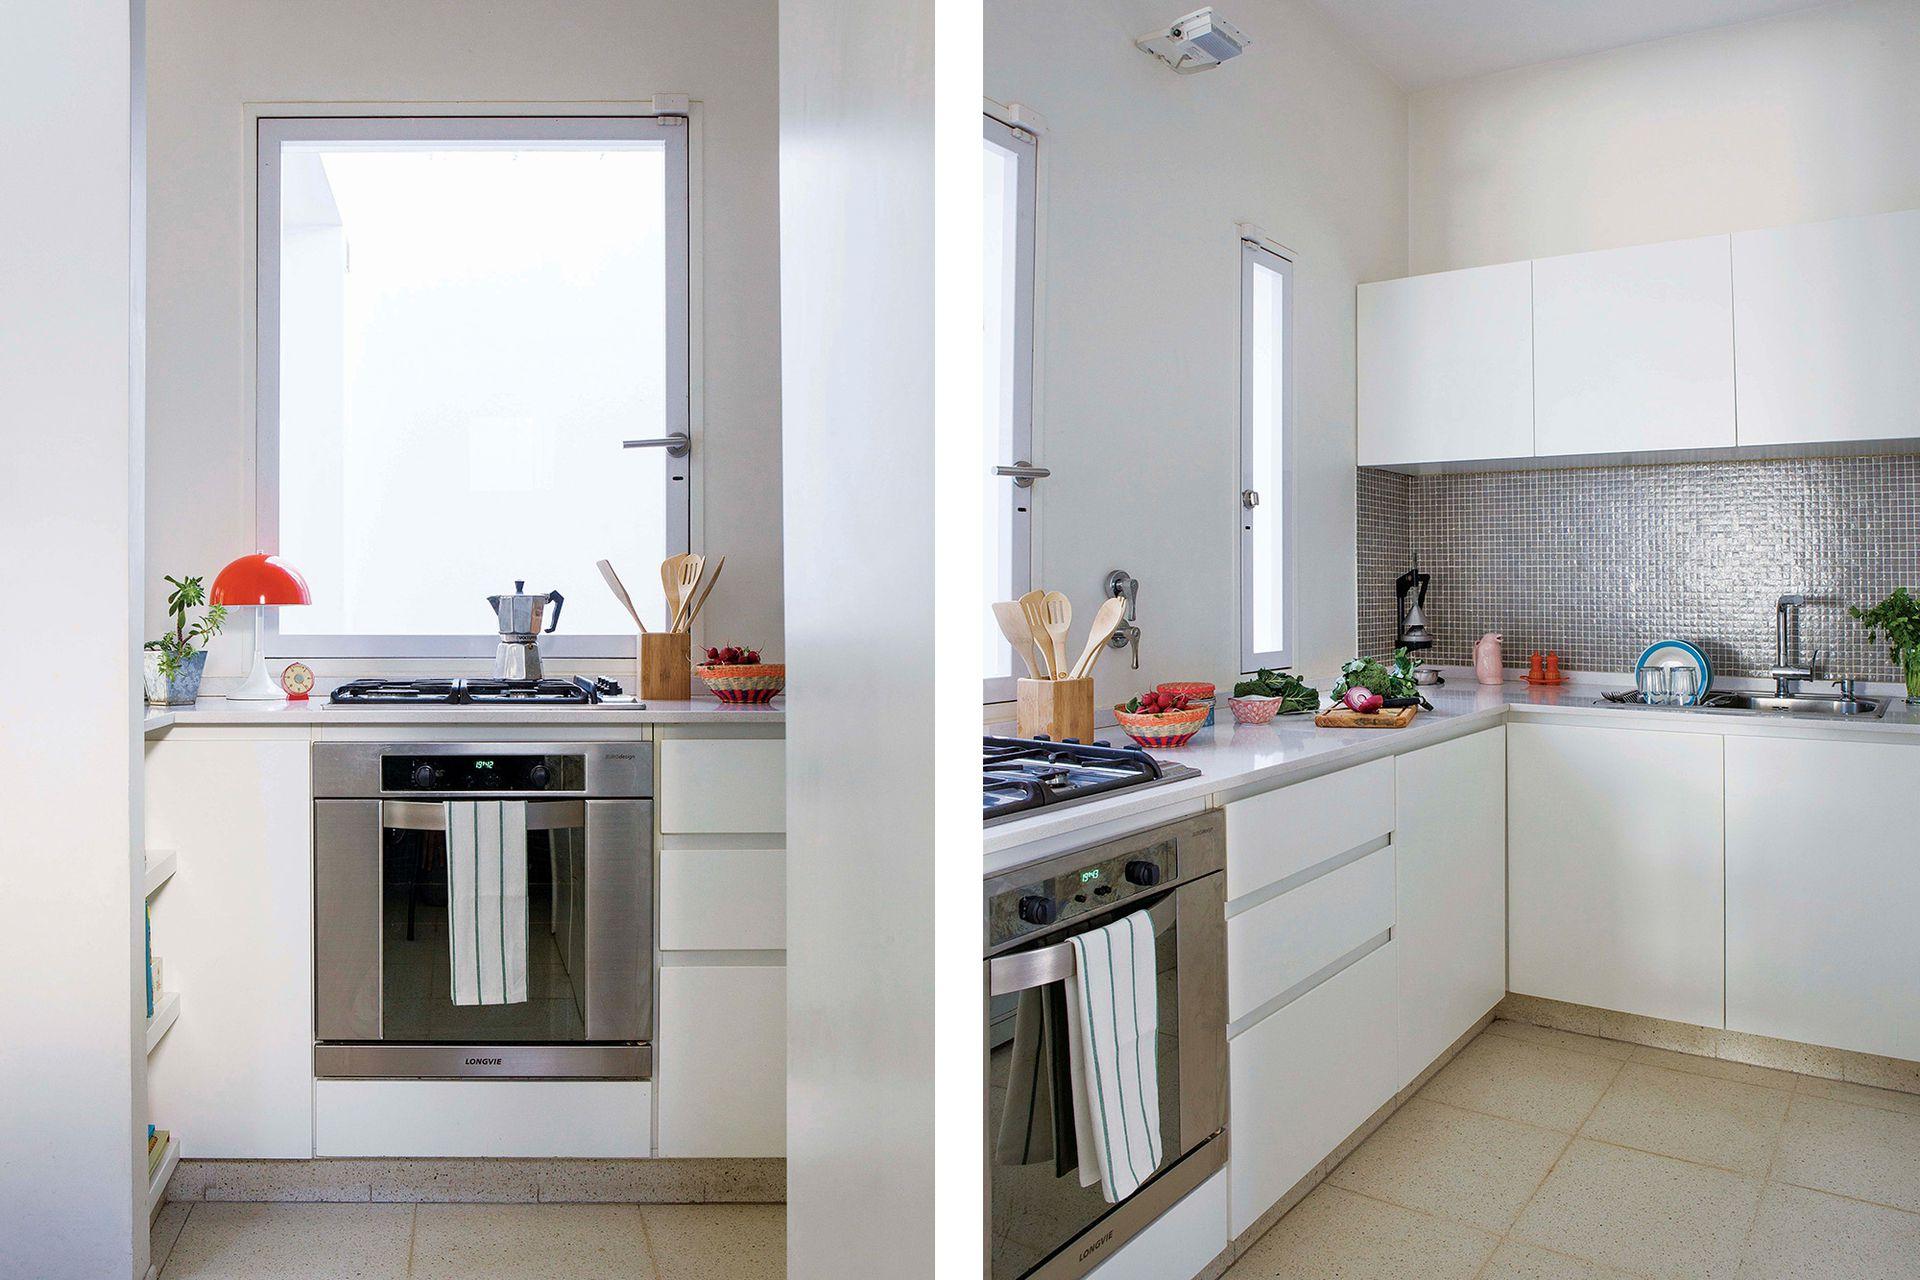 La cocina también tuvo un cambio de ventanas hacia el patio.